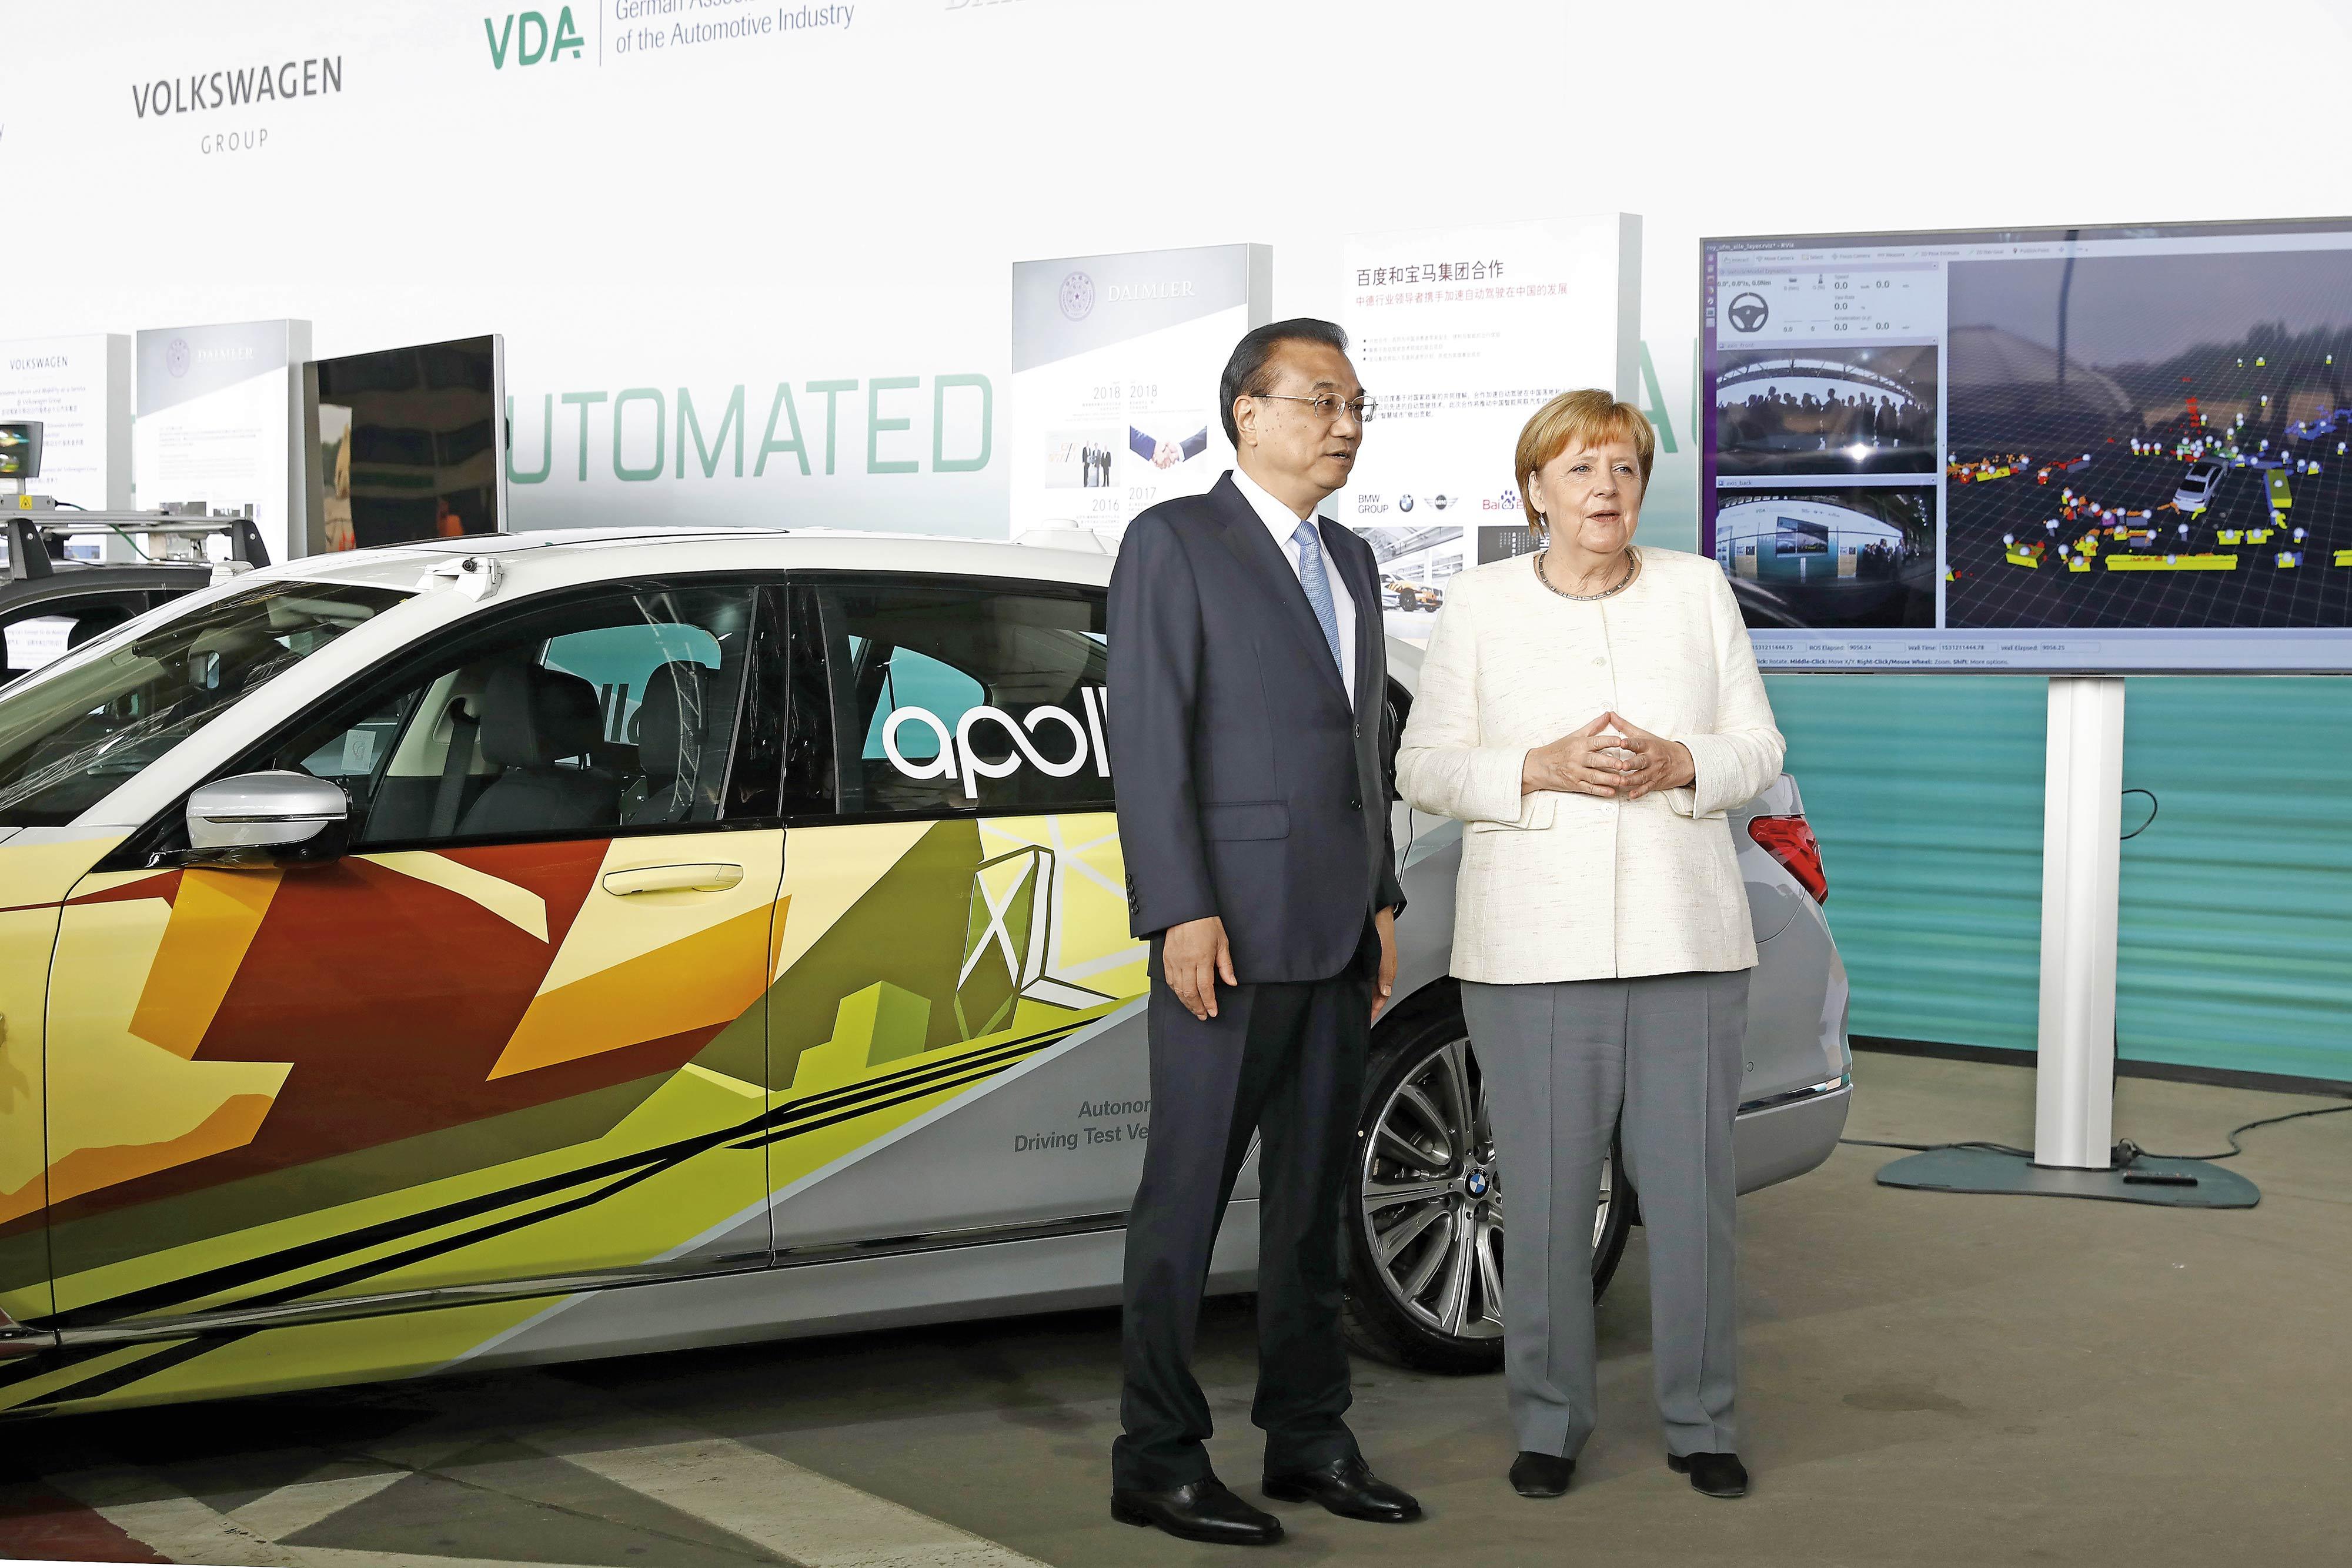 7月10日,李克犟与默克尔在柏林出席中德自动驾驶汽车展示活动,李克犟表示,中德双方优势互补,合作大于竞争。